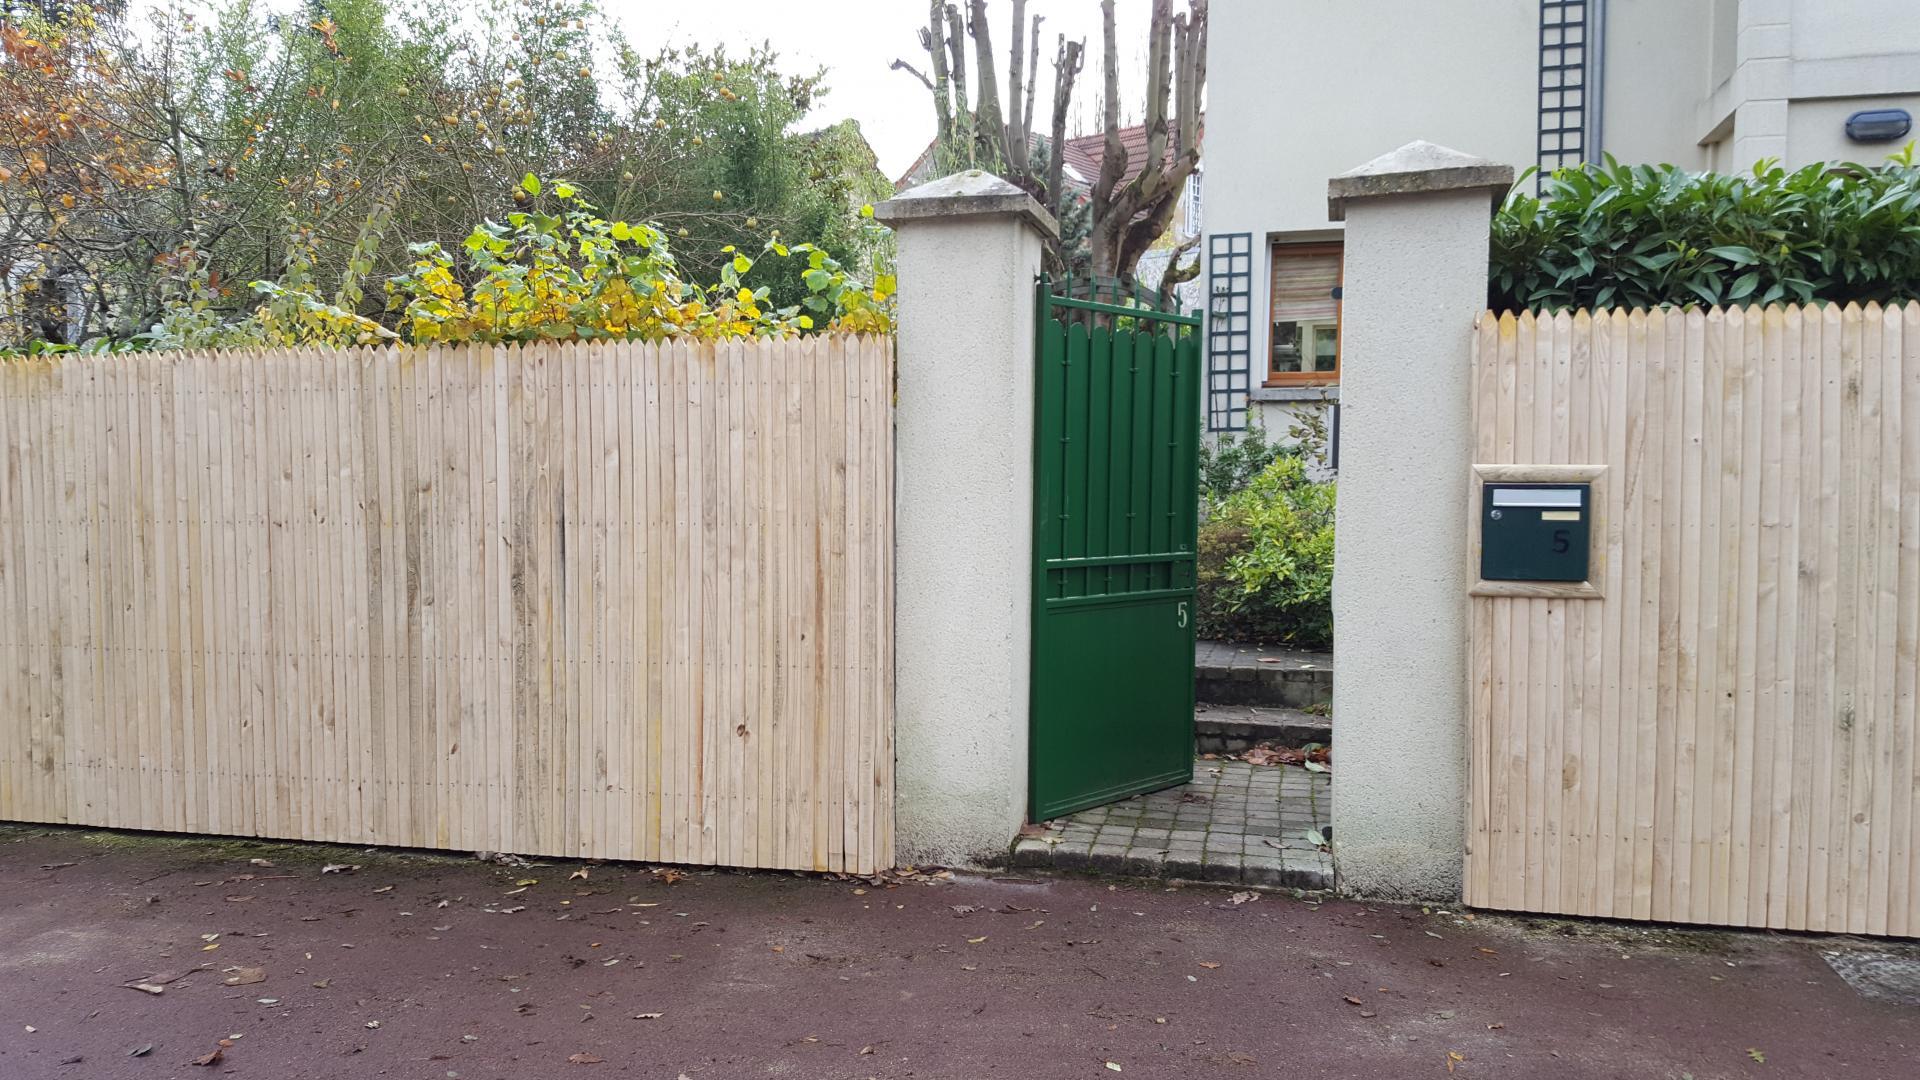 Fabricant De Clôtures En Châtaignier - Longjumeau, Tours ... destiné Cloture Jardin Chataignier